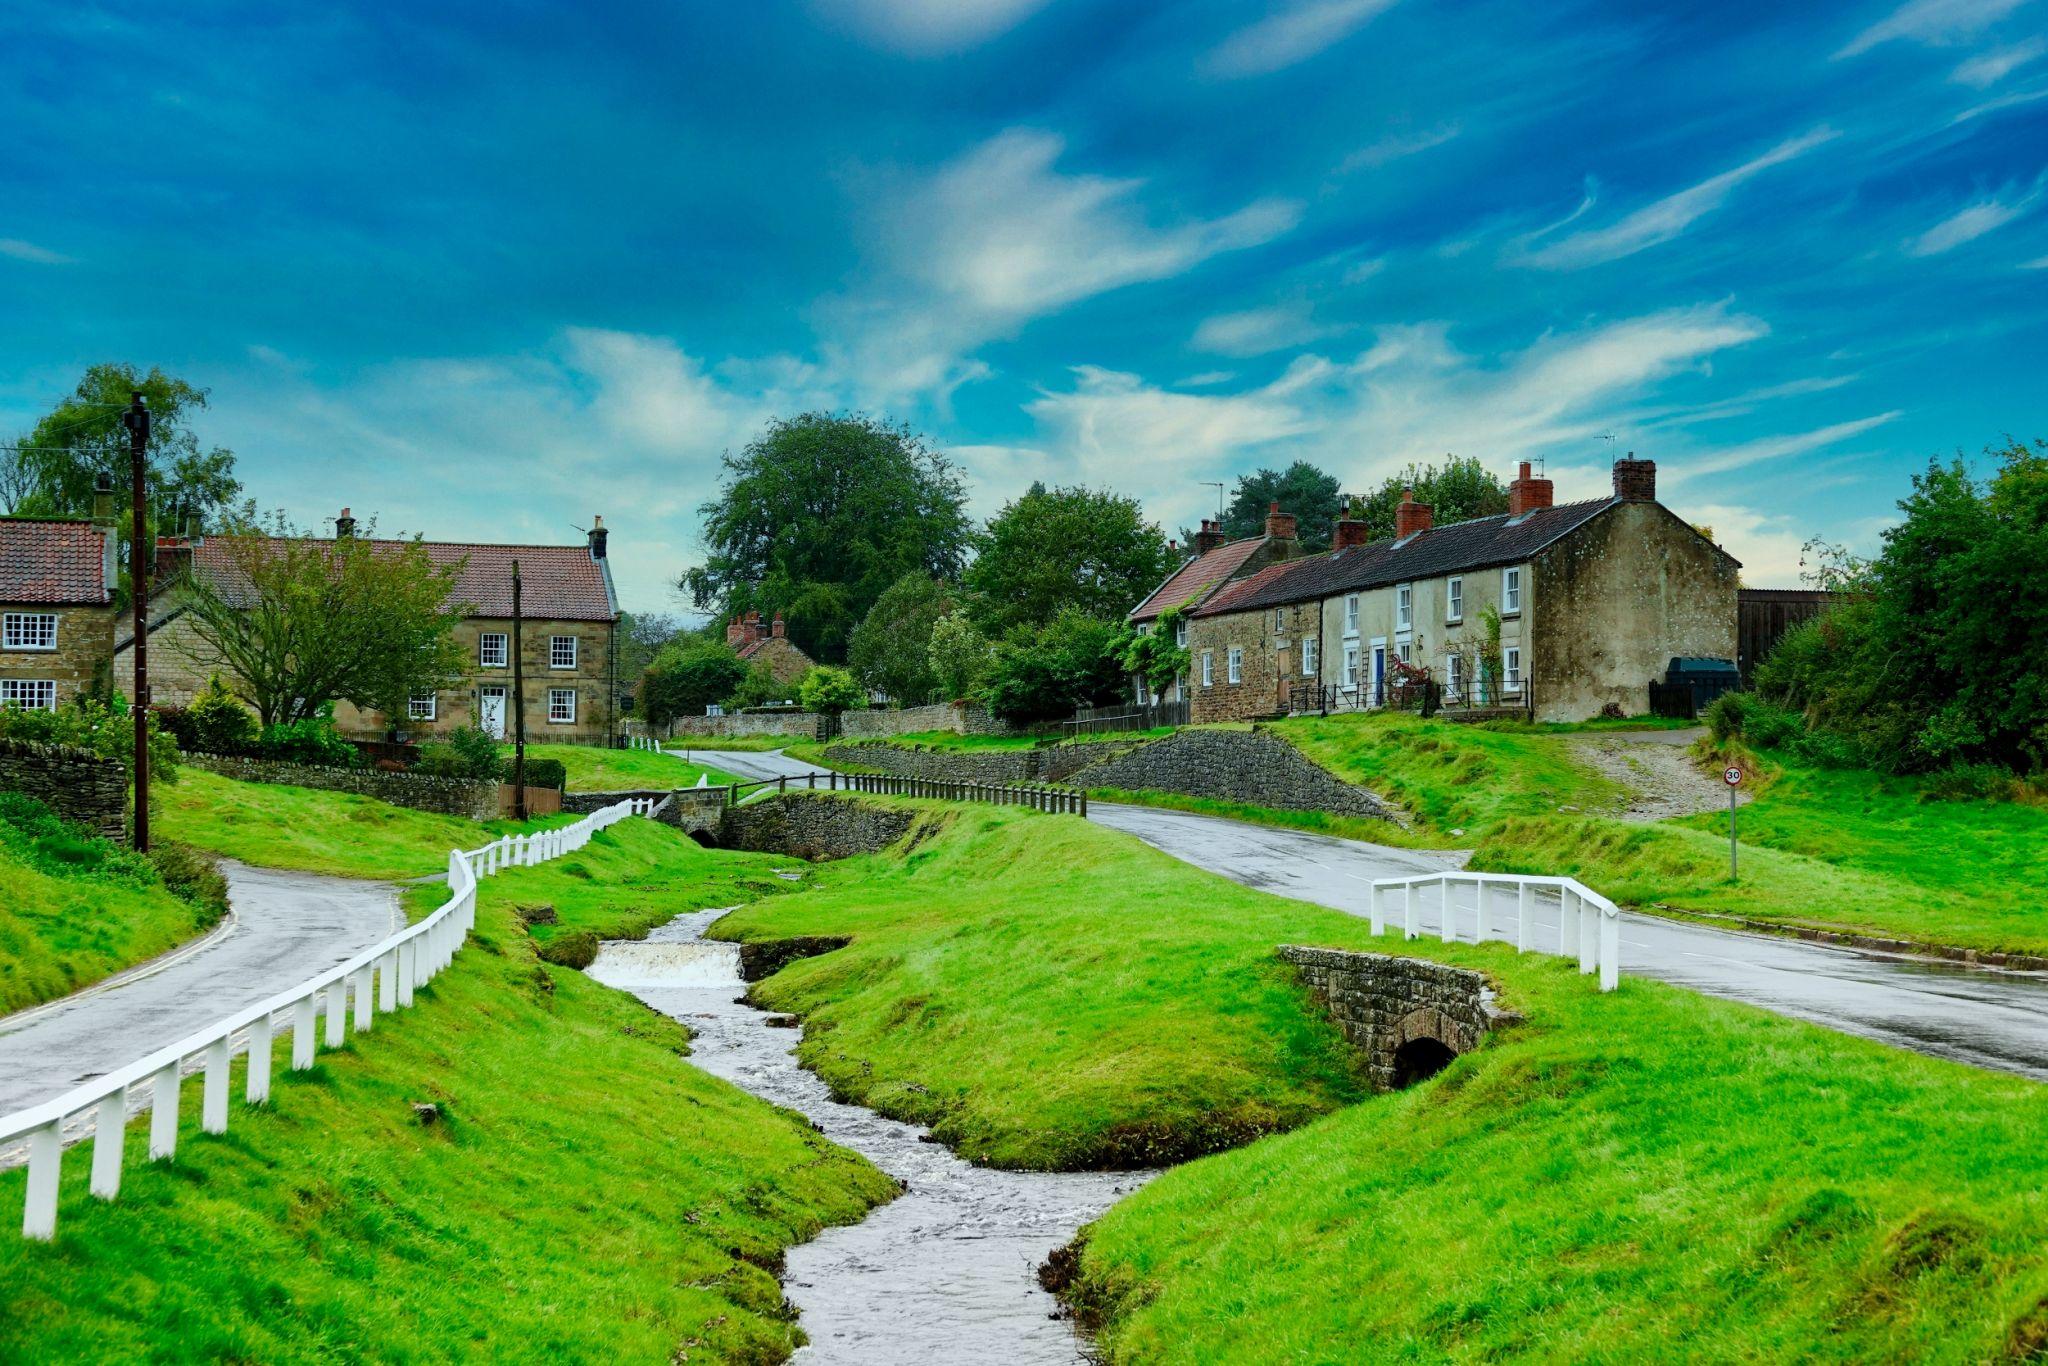 Village, United Kingdom